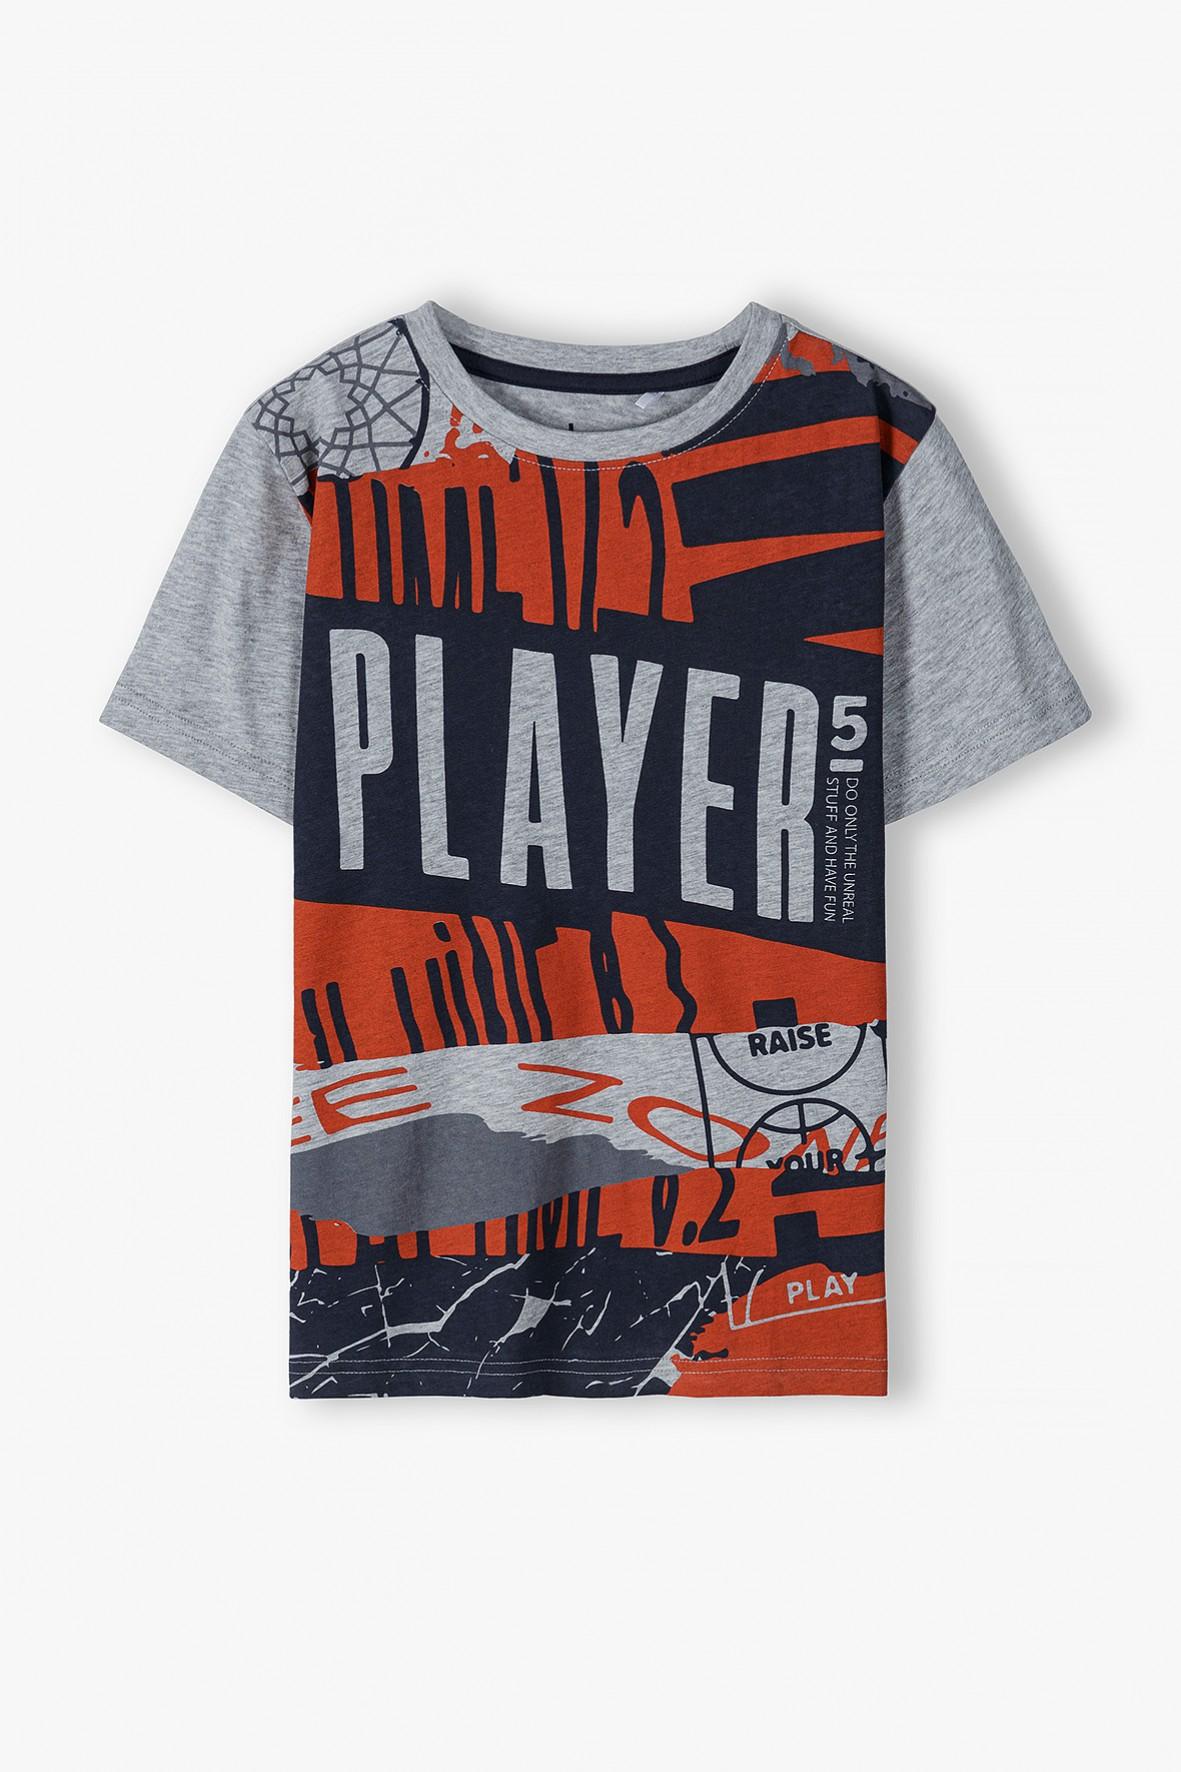 T-shirt chłopięcy w kolorze szarym z mlodzieżowym nadrukiem Player